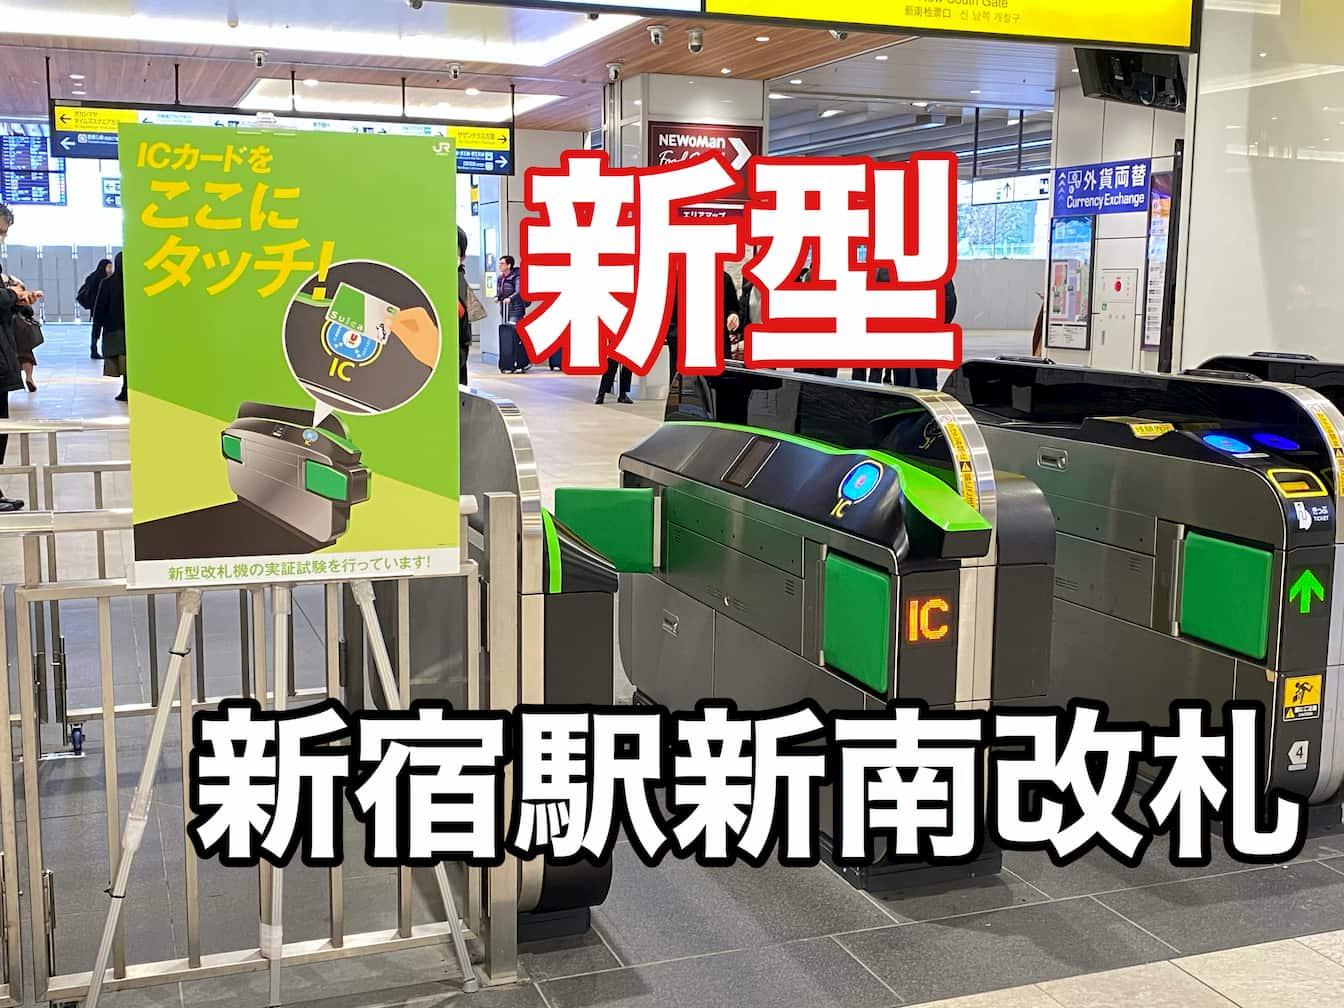 【新宿駅】 新型自動改札機を通ってみた IC・QR対応の次世代型